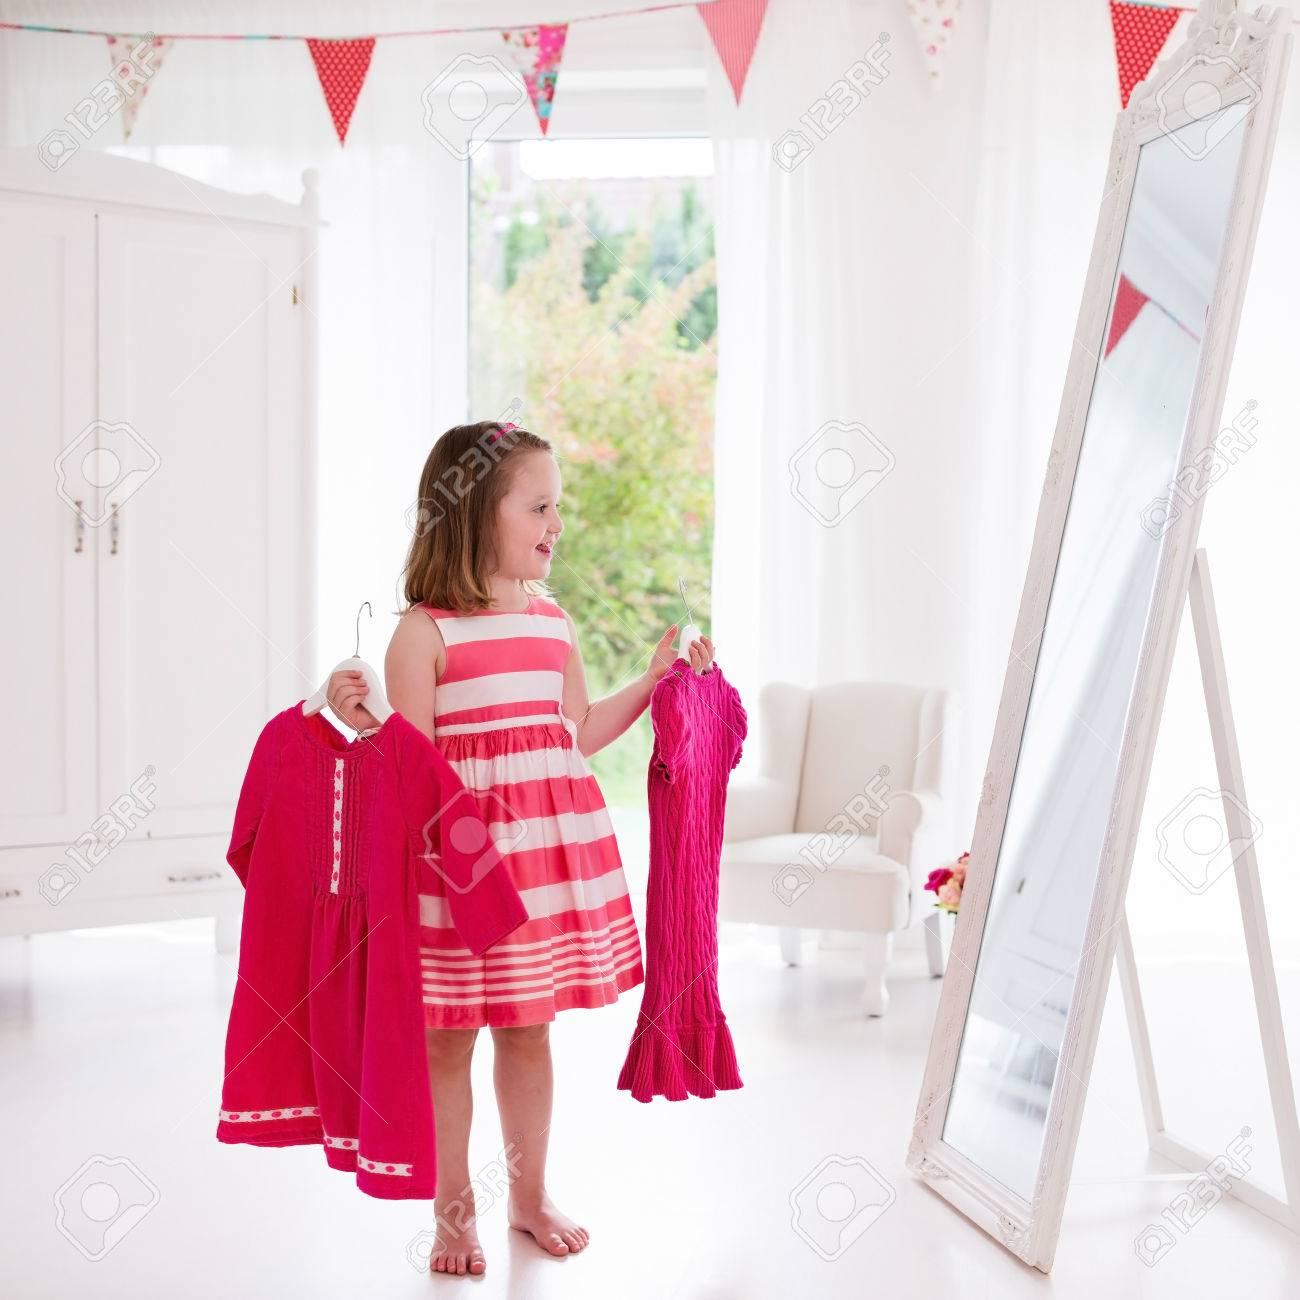 Petite Fille De Choisir Des Robes De Chambre Blanche Enfant Regardant Le Miroir De Reflexion Tenant Robe Rose Choix Tenue Pepiniere Filles Shopping Vetements Pour Les Enfants Inter Dressing Pour Les Enfants